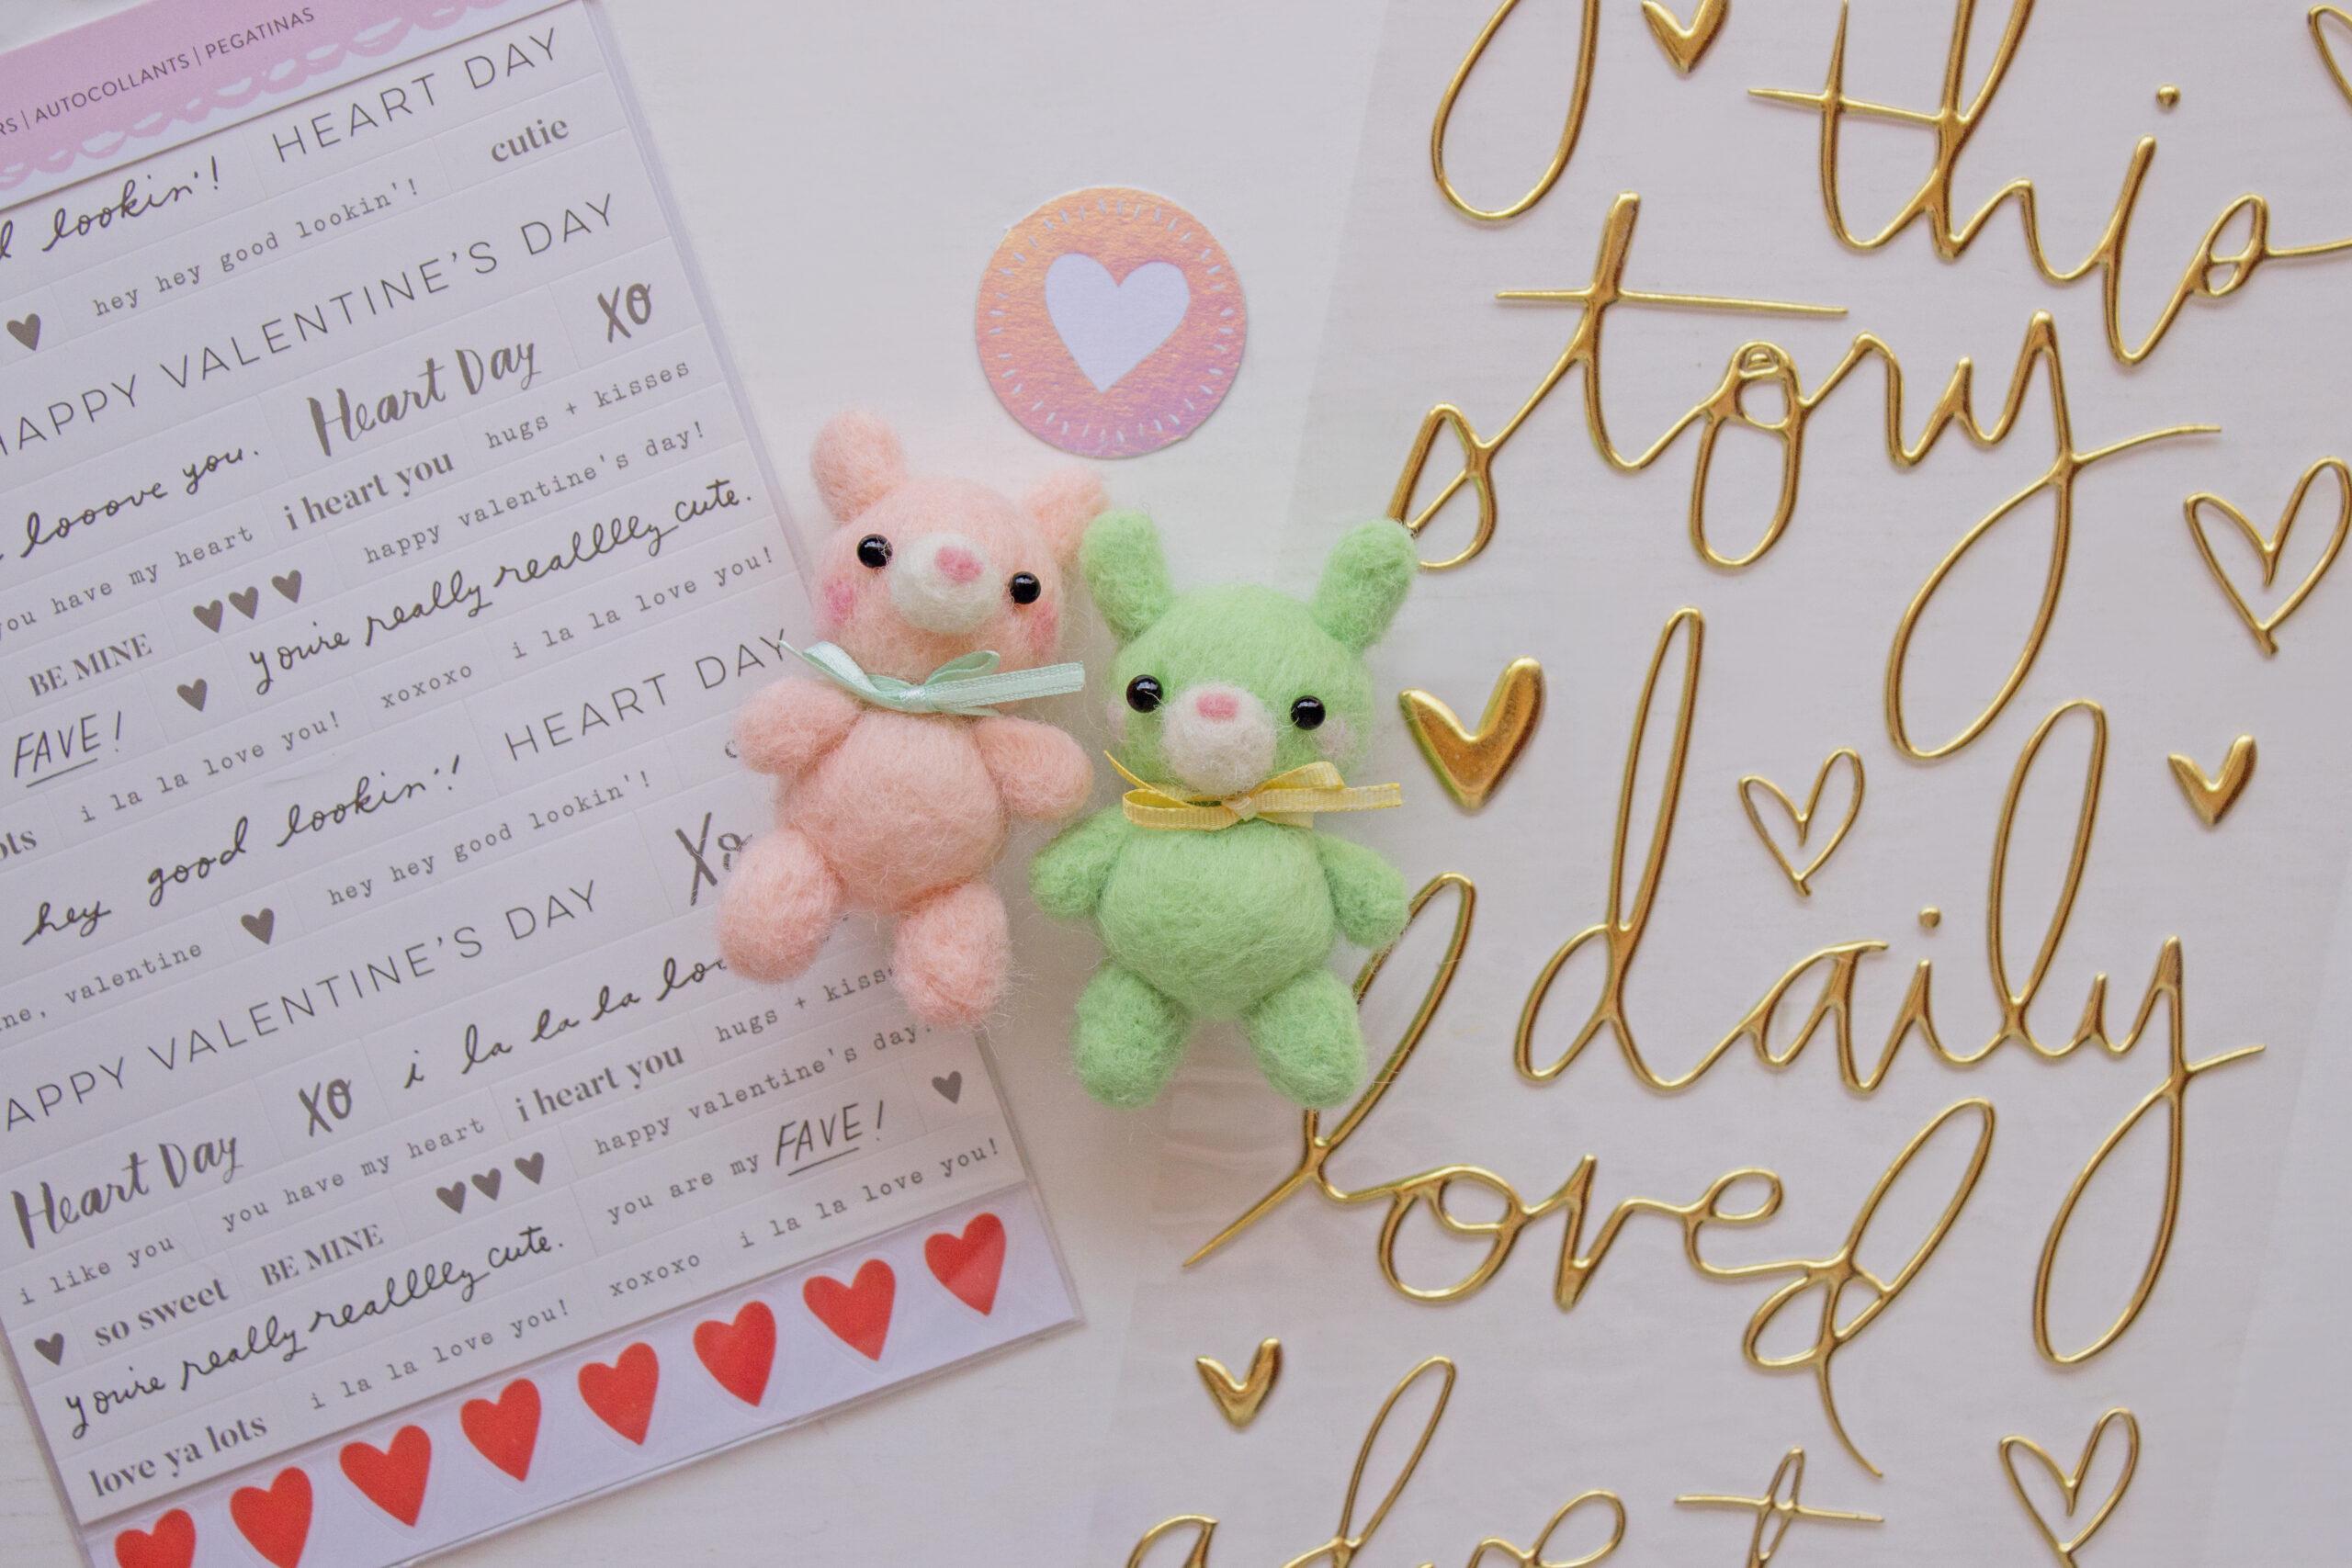 set stickers de fondo y dos conejos needle felting hechos a mano color durazno y verde